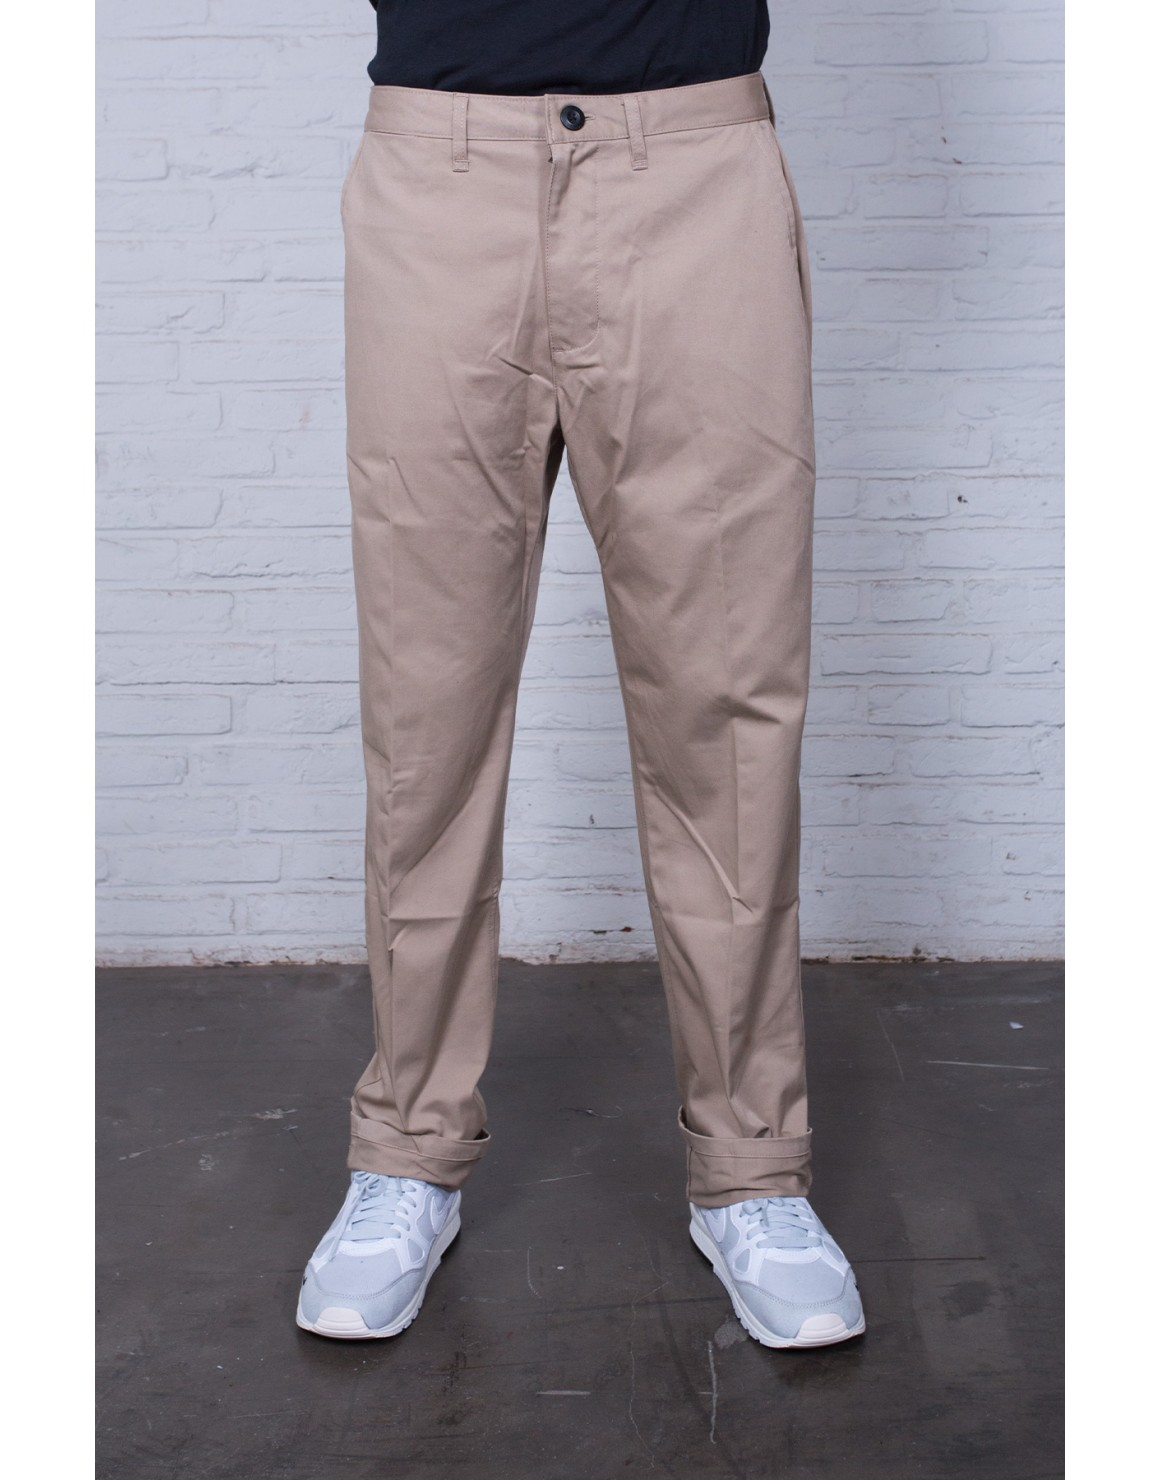 Dry-Fit FTM Pants